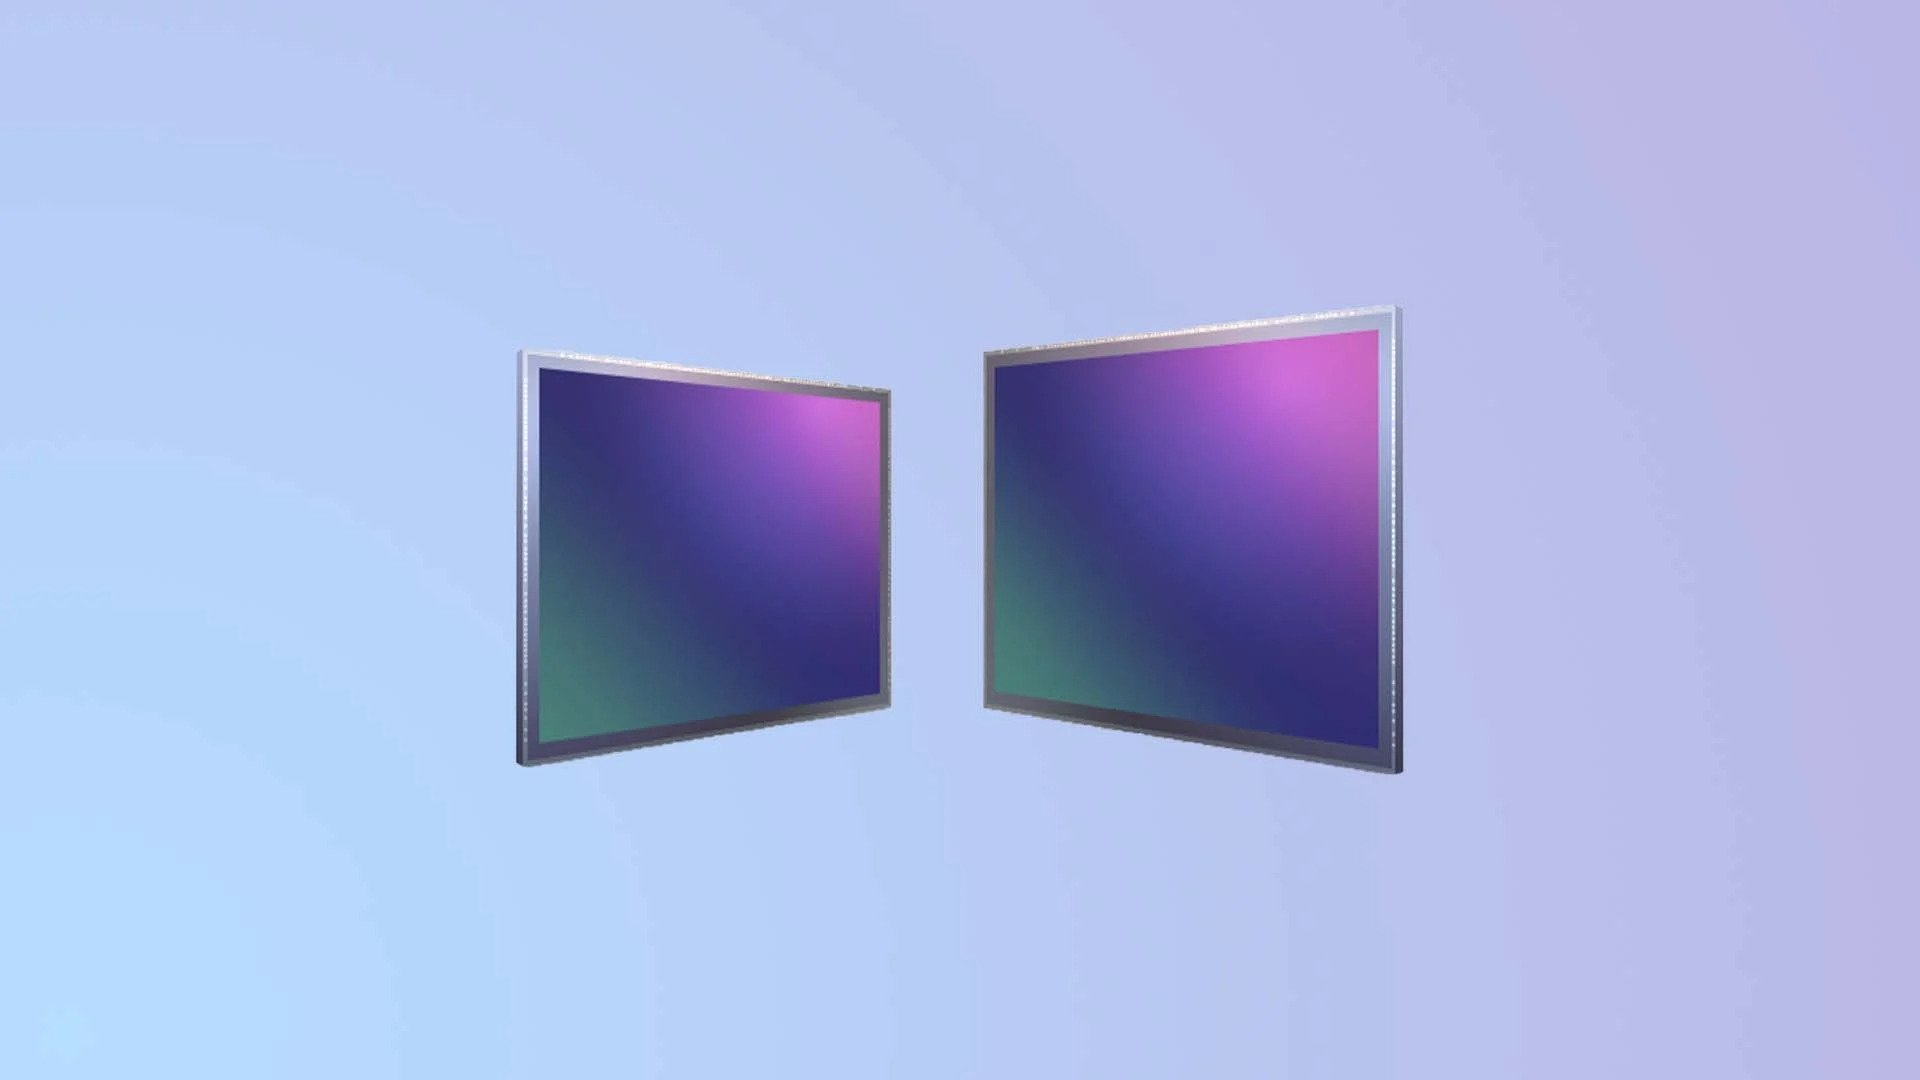 Samsung dévoile le premier capteur photo de 200Mpx pour smartphone